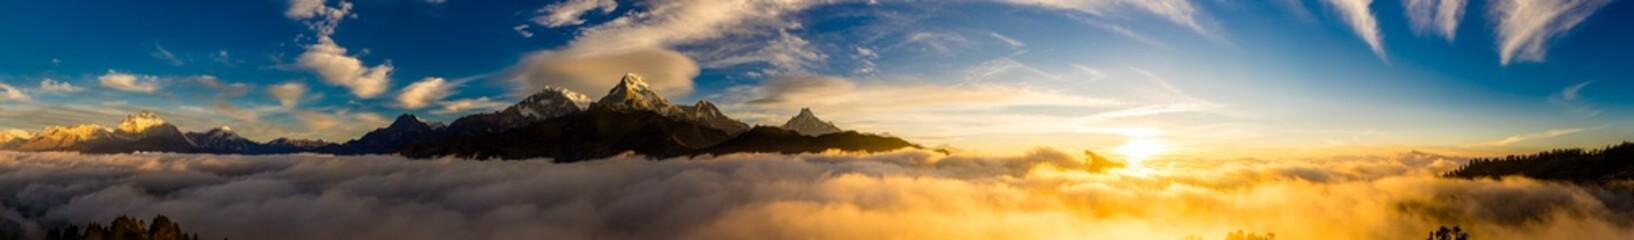 ヒマラヤ山脈の夜明け